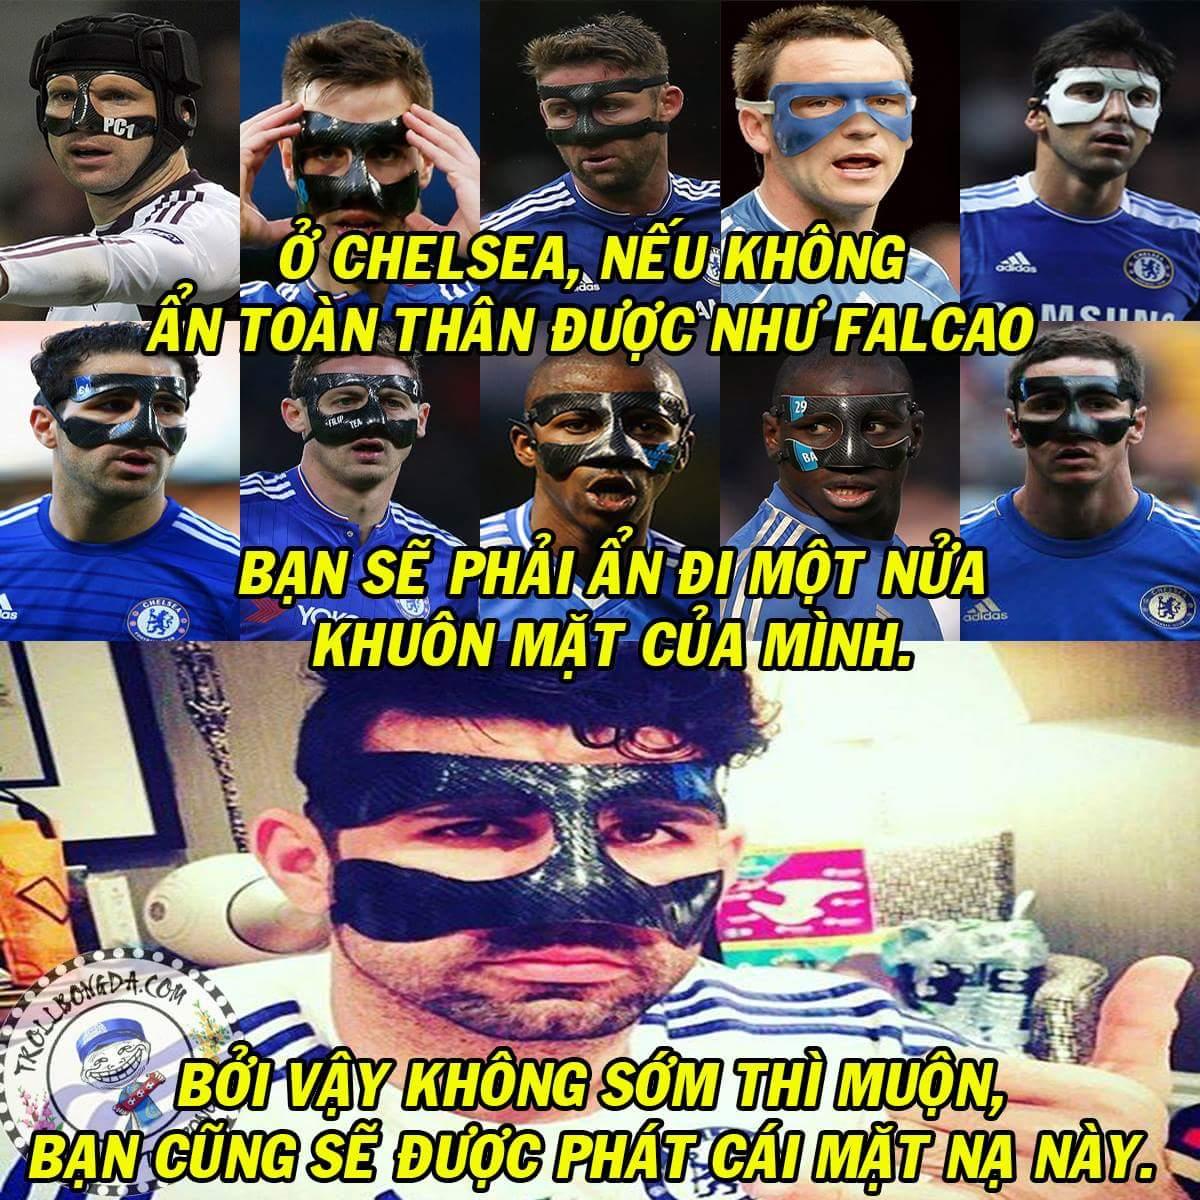 Costa vừa gia nhập team mặt nạ của Chelsea sau khi bị một cầu thủ trẻ húc gãy mũi trong buổi tập....